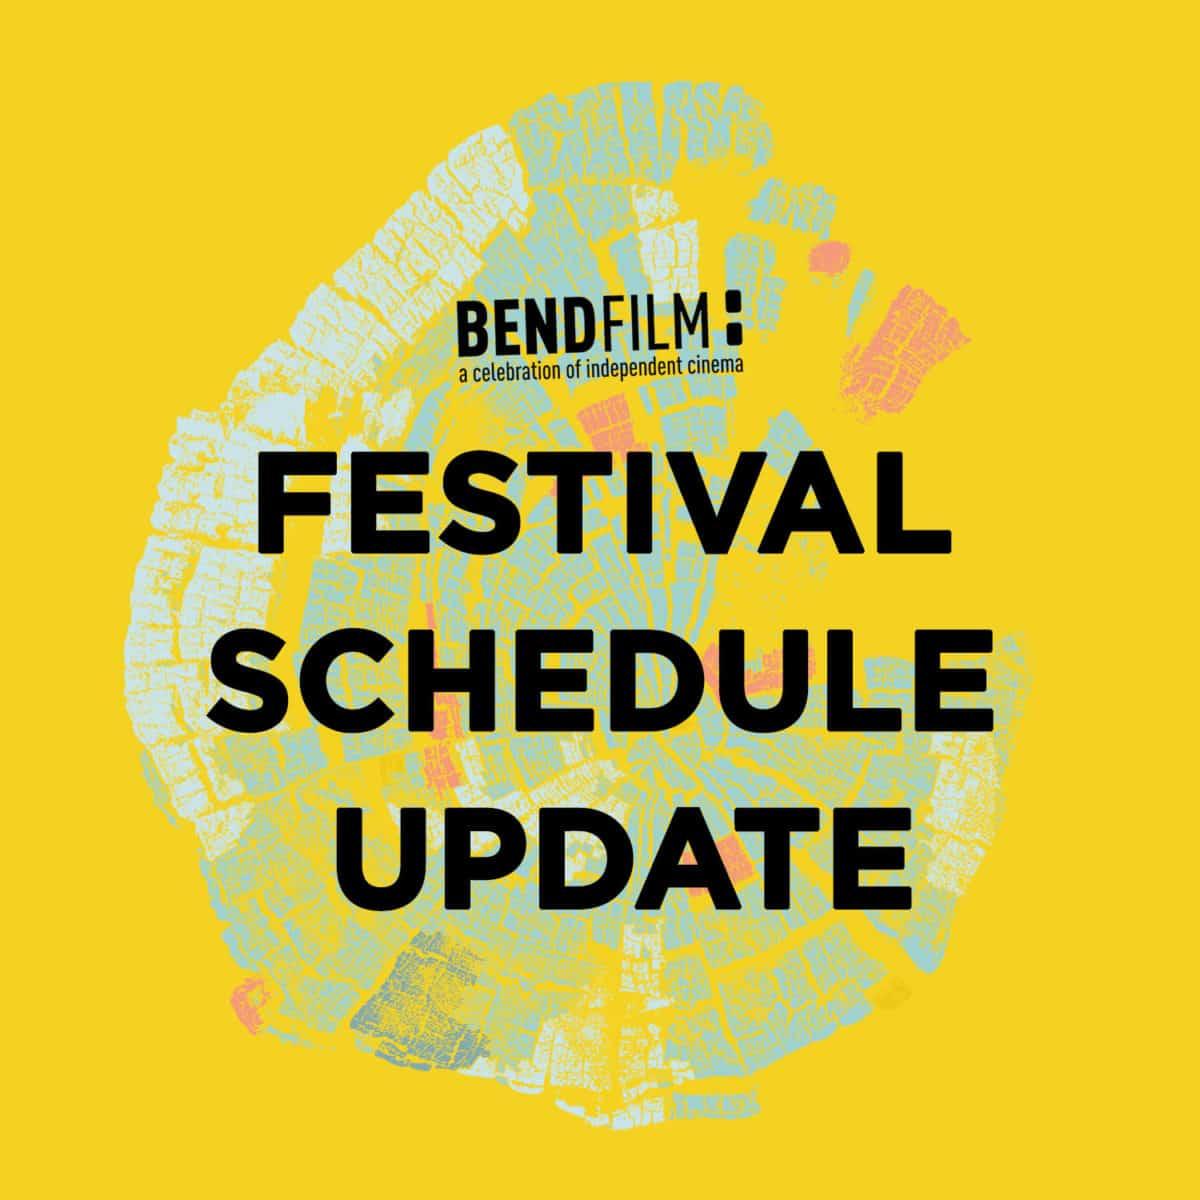 2021 Festival Schedule Update